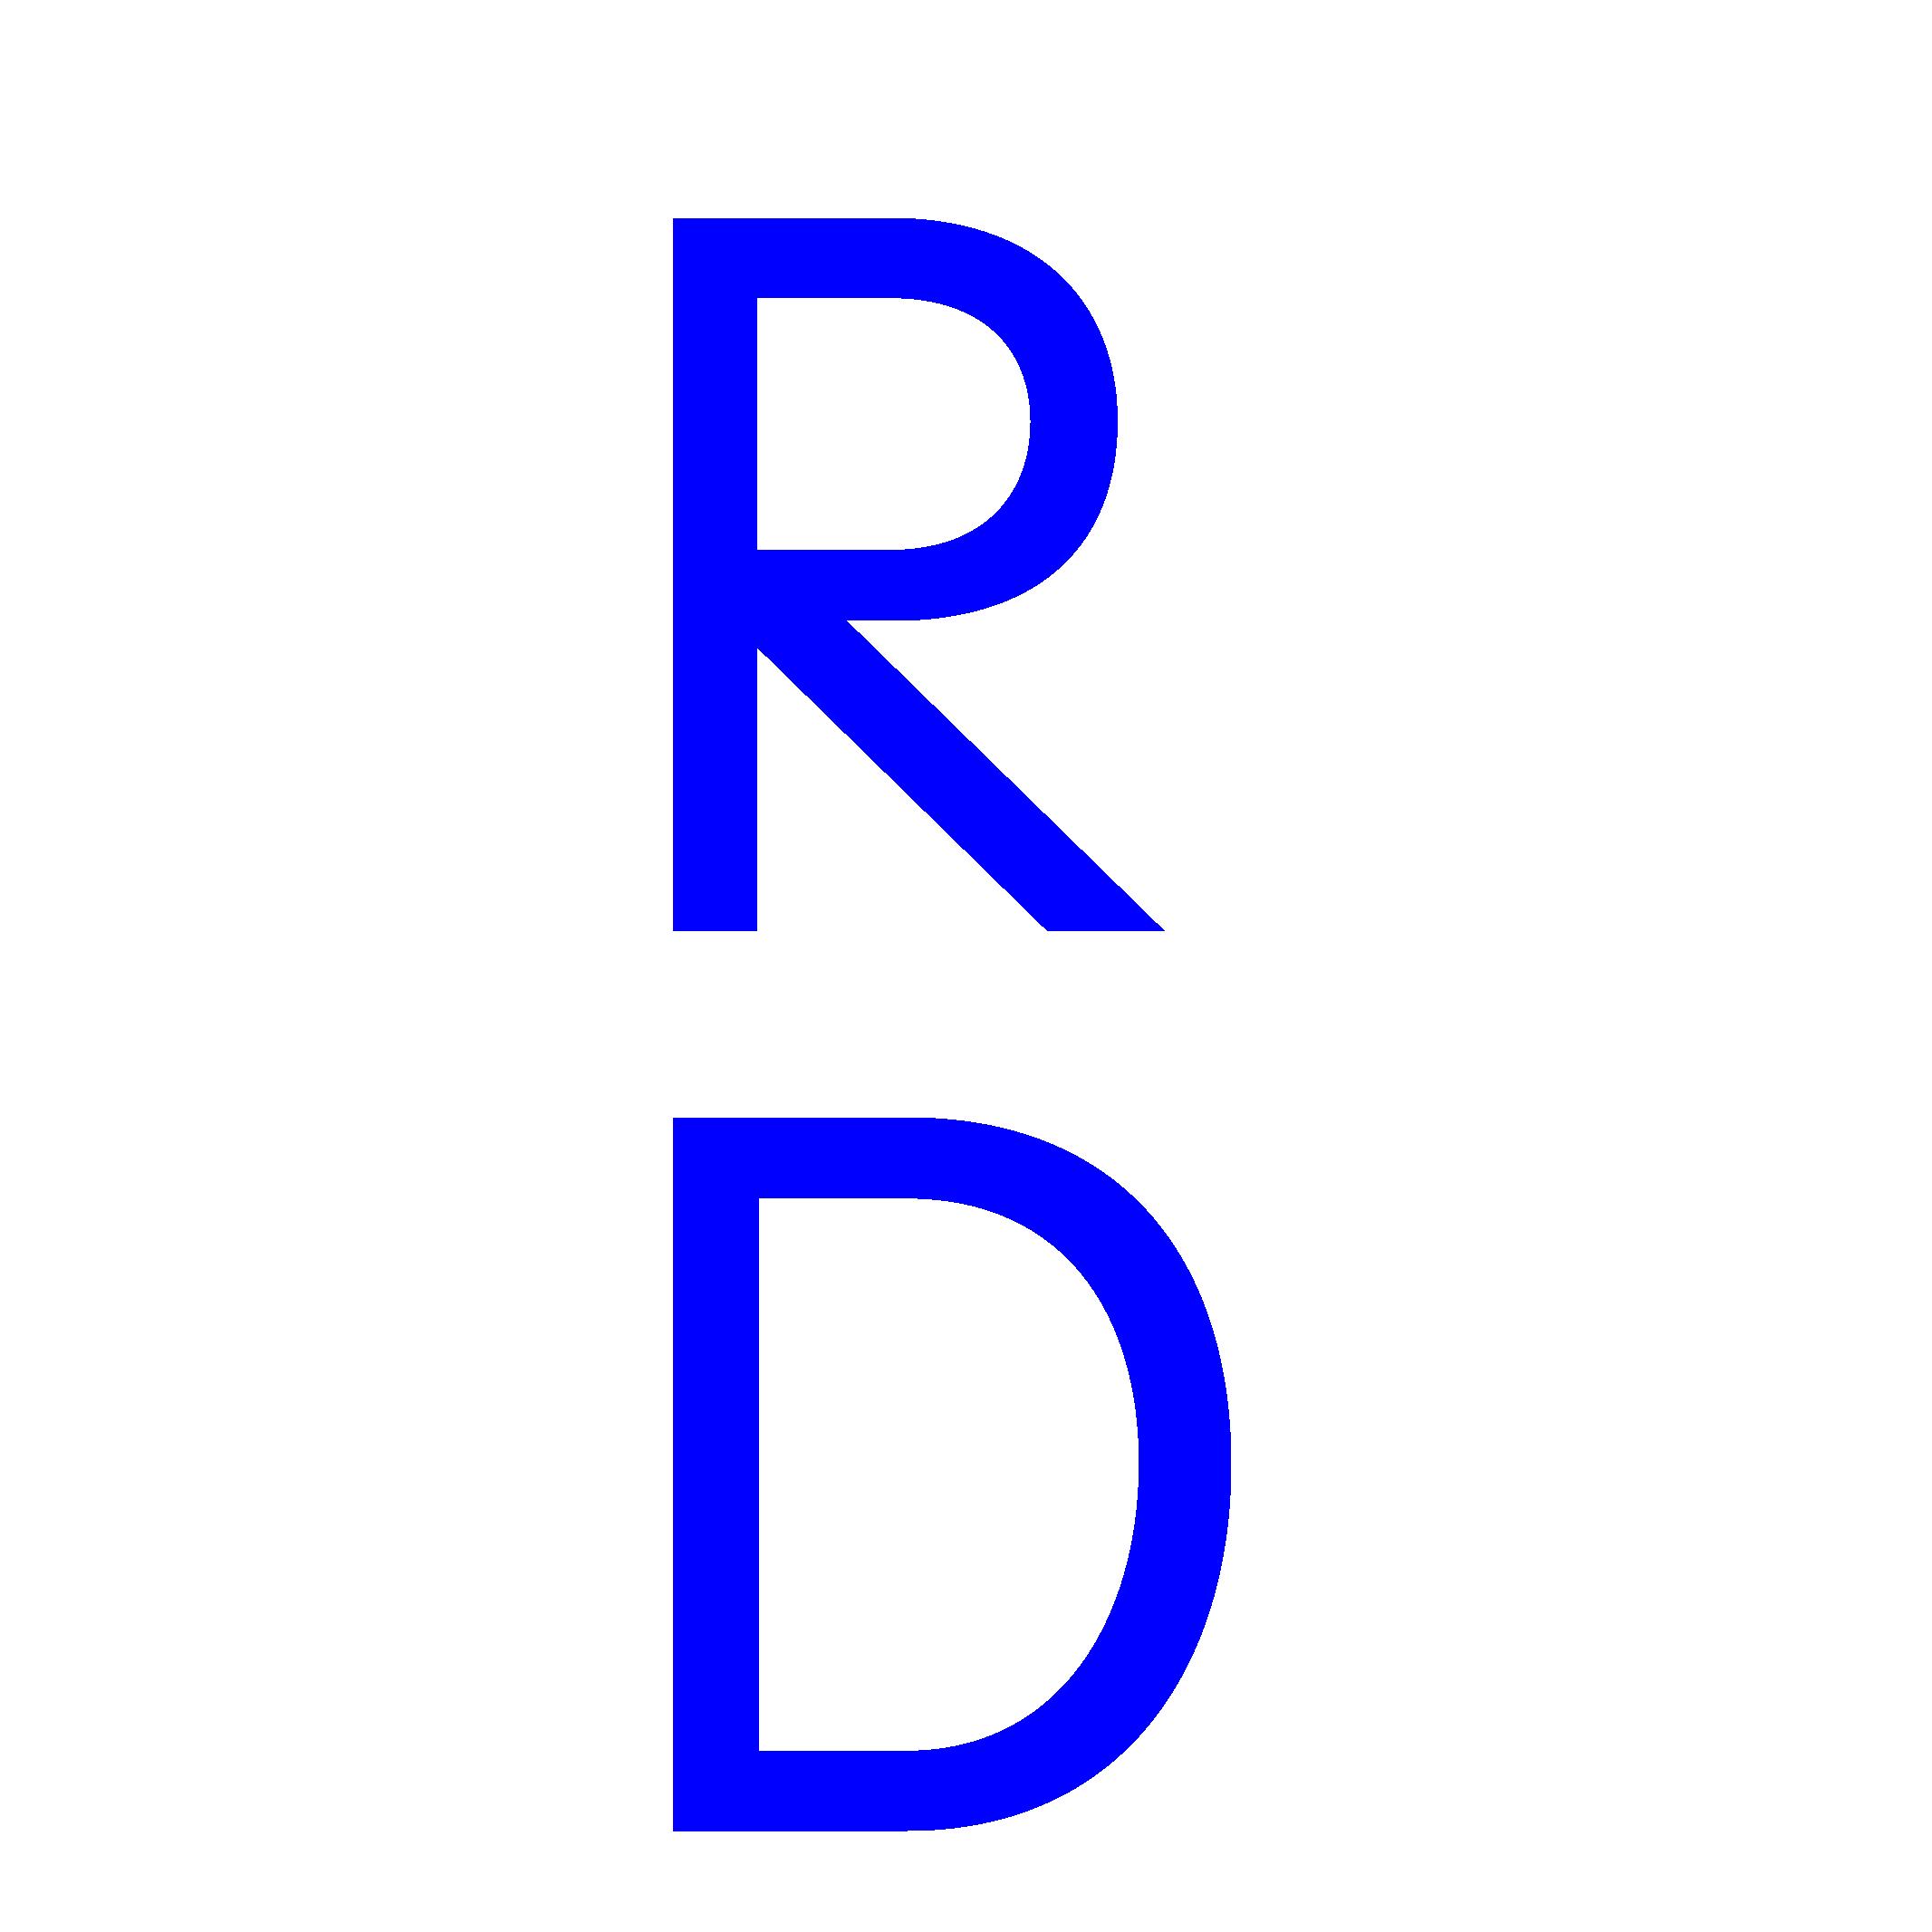 rafaeldernbach.com